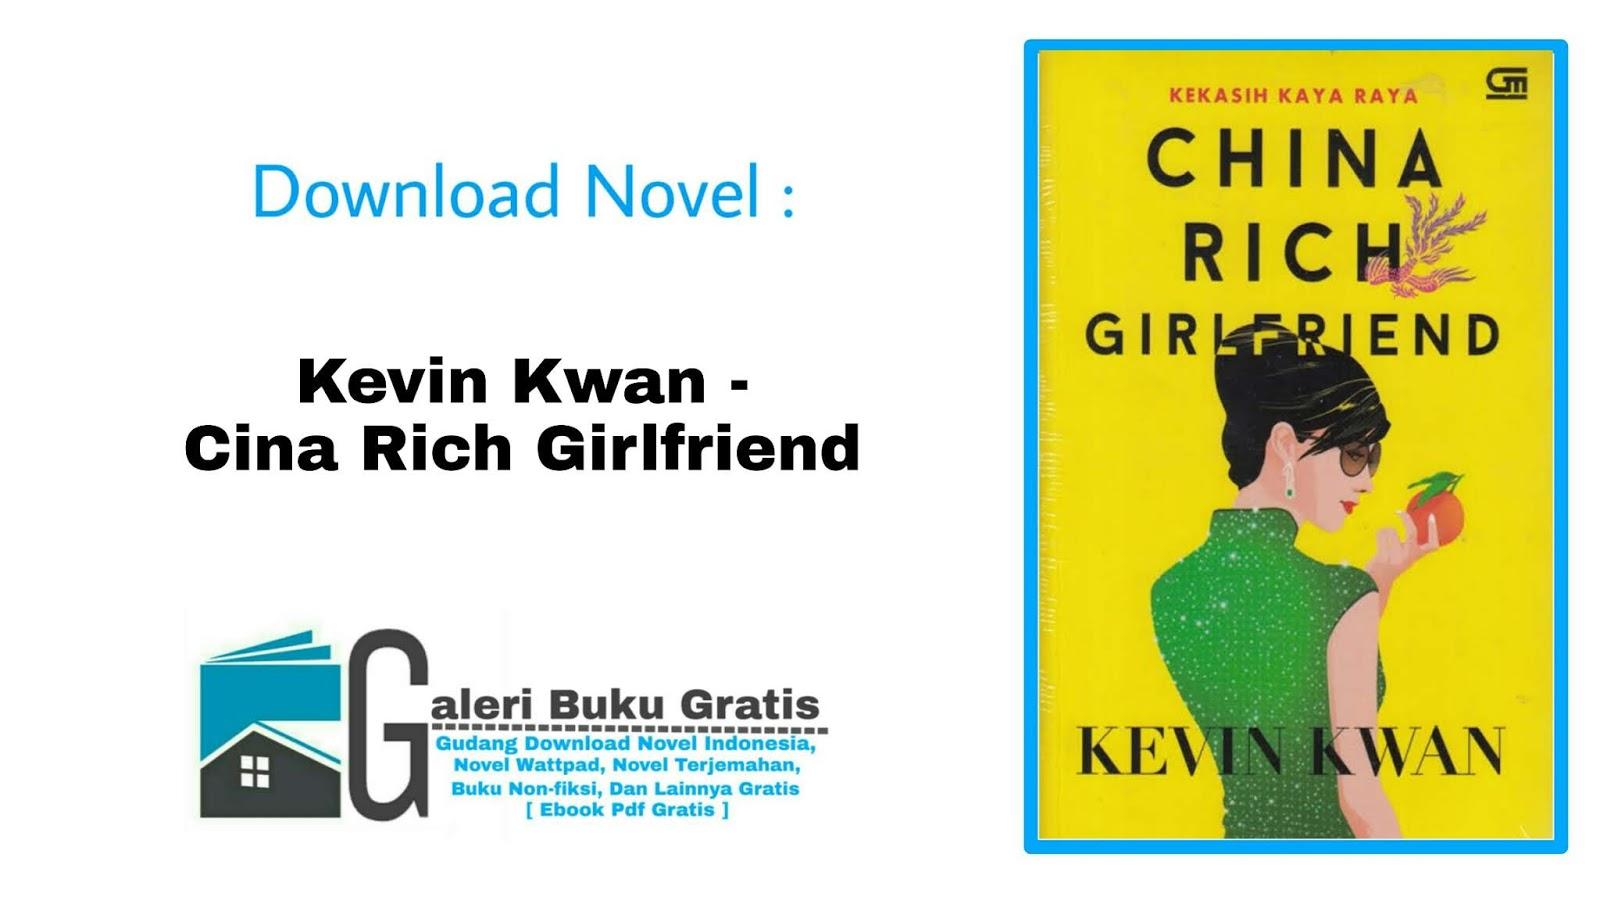 download ebook novel indonesia pdf gratis